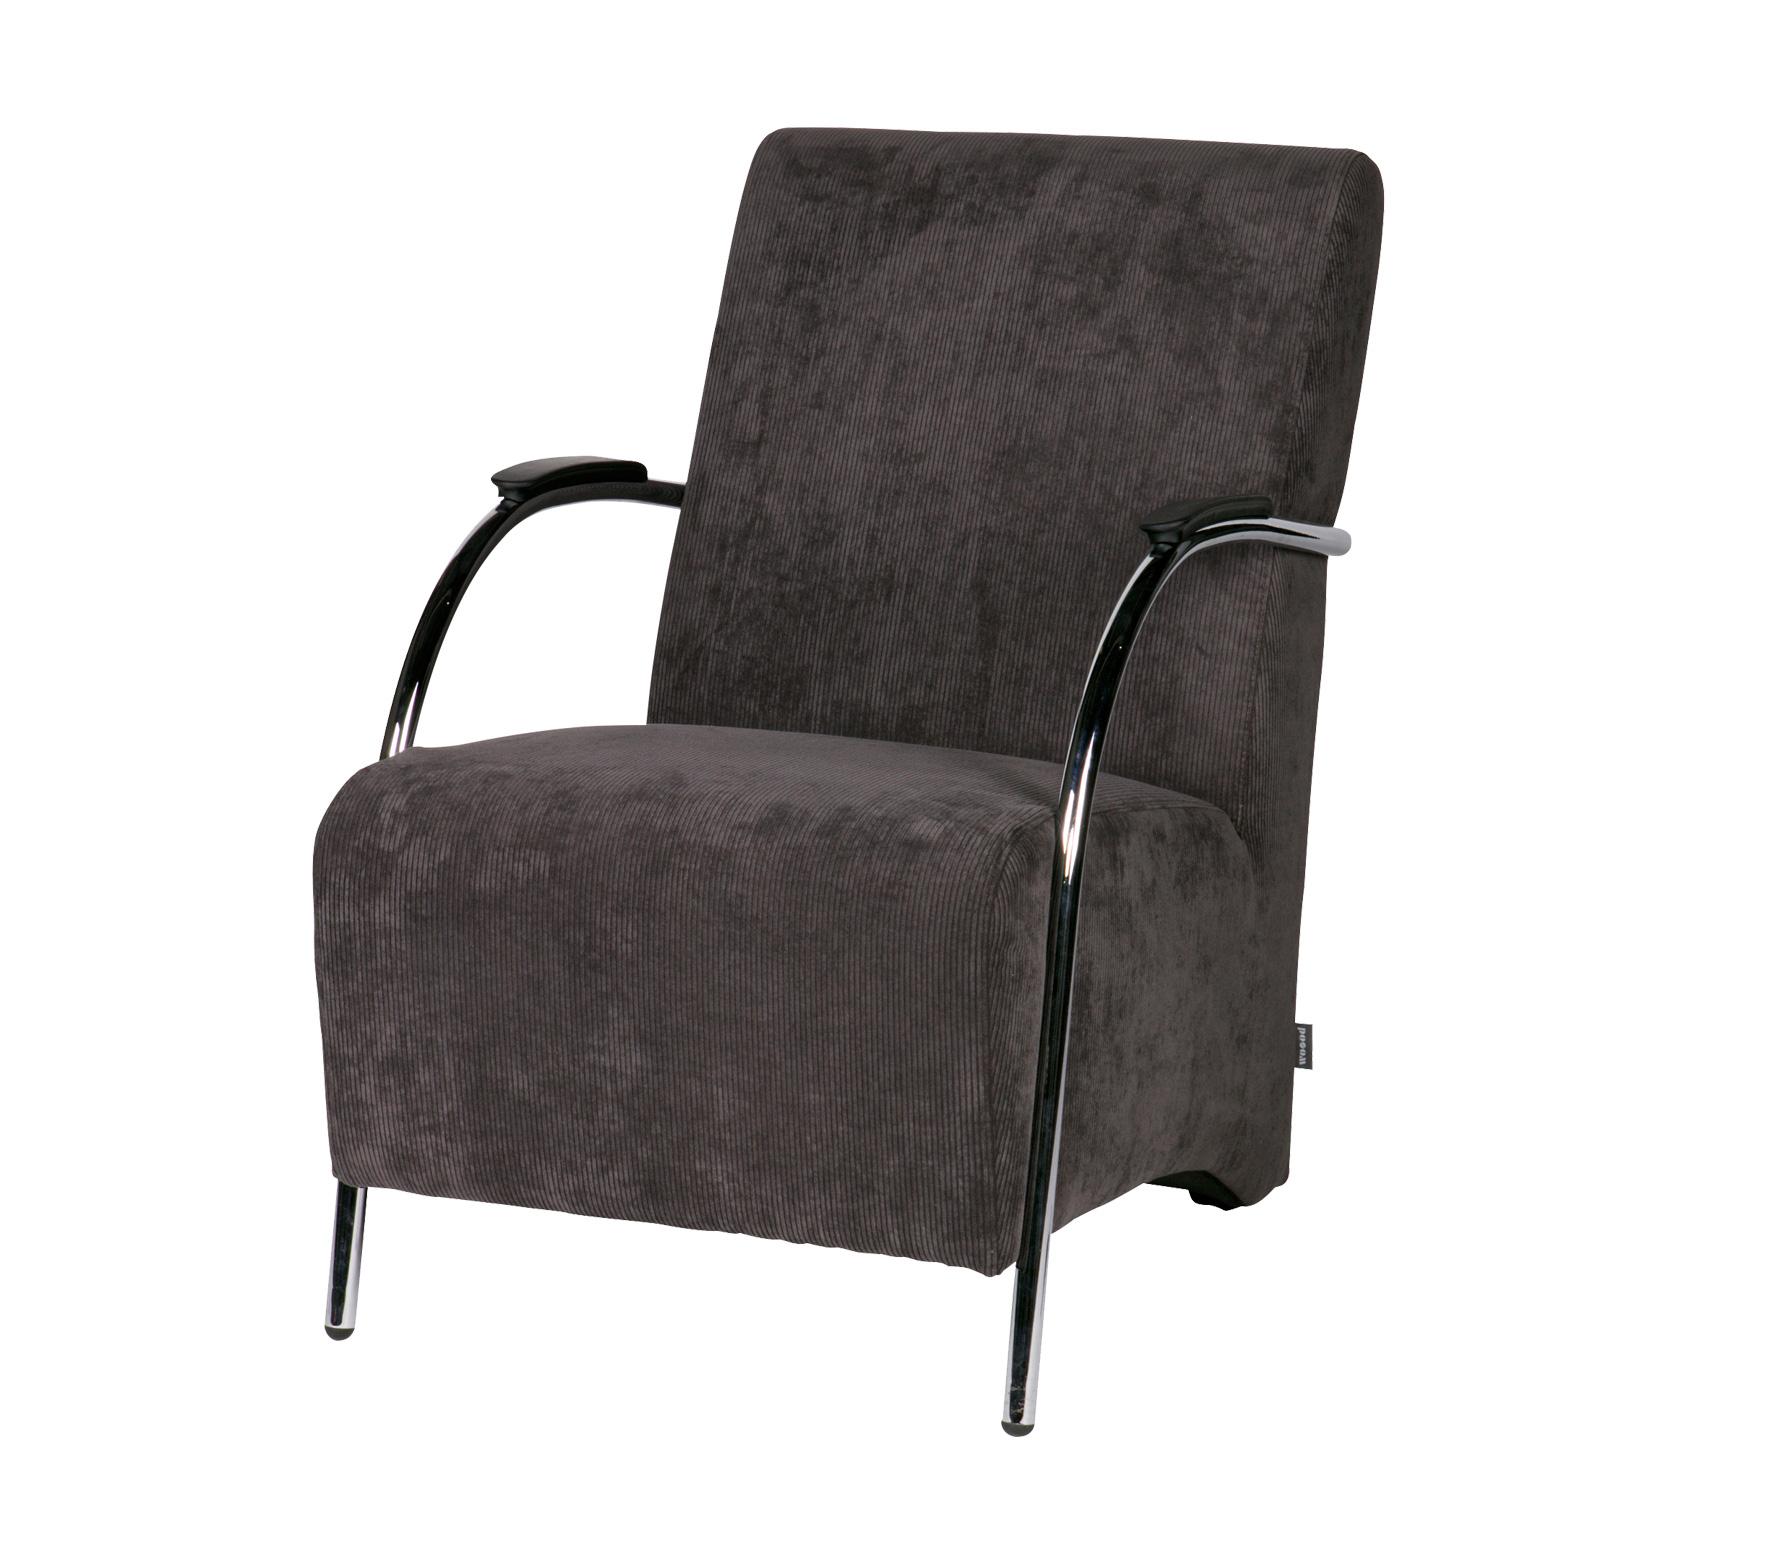 WOOOD Halifax fauteuil ribstof antraciet vrijstaand